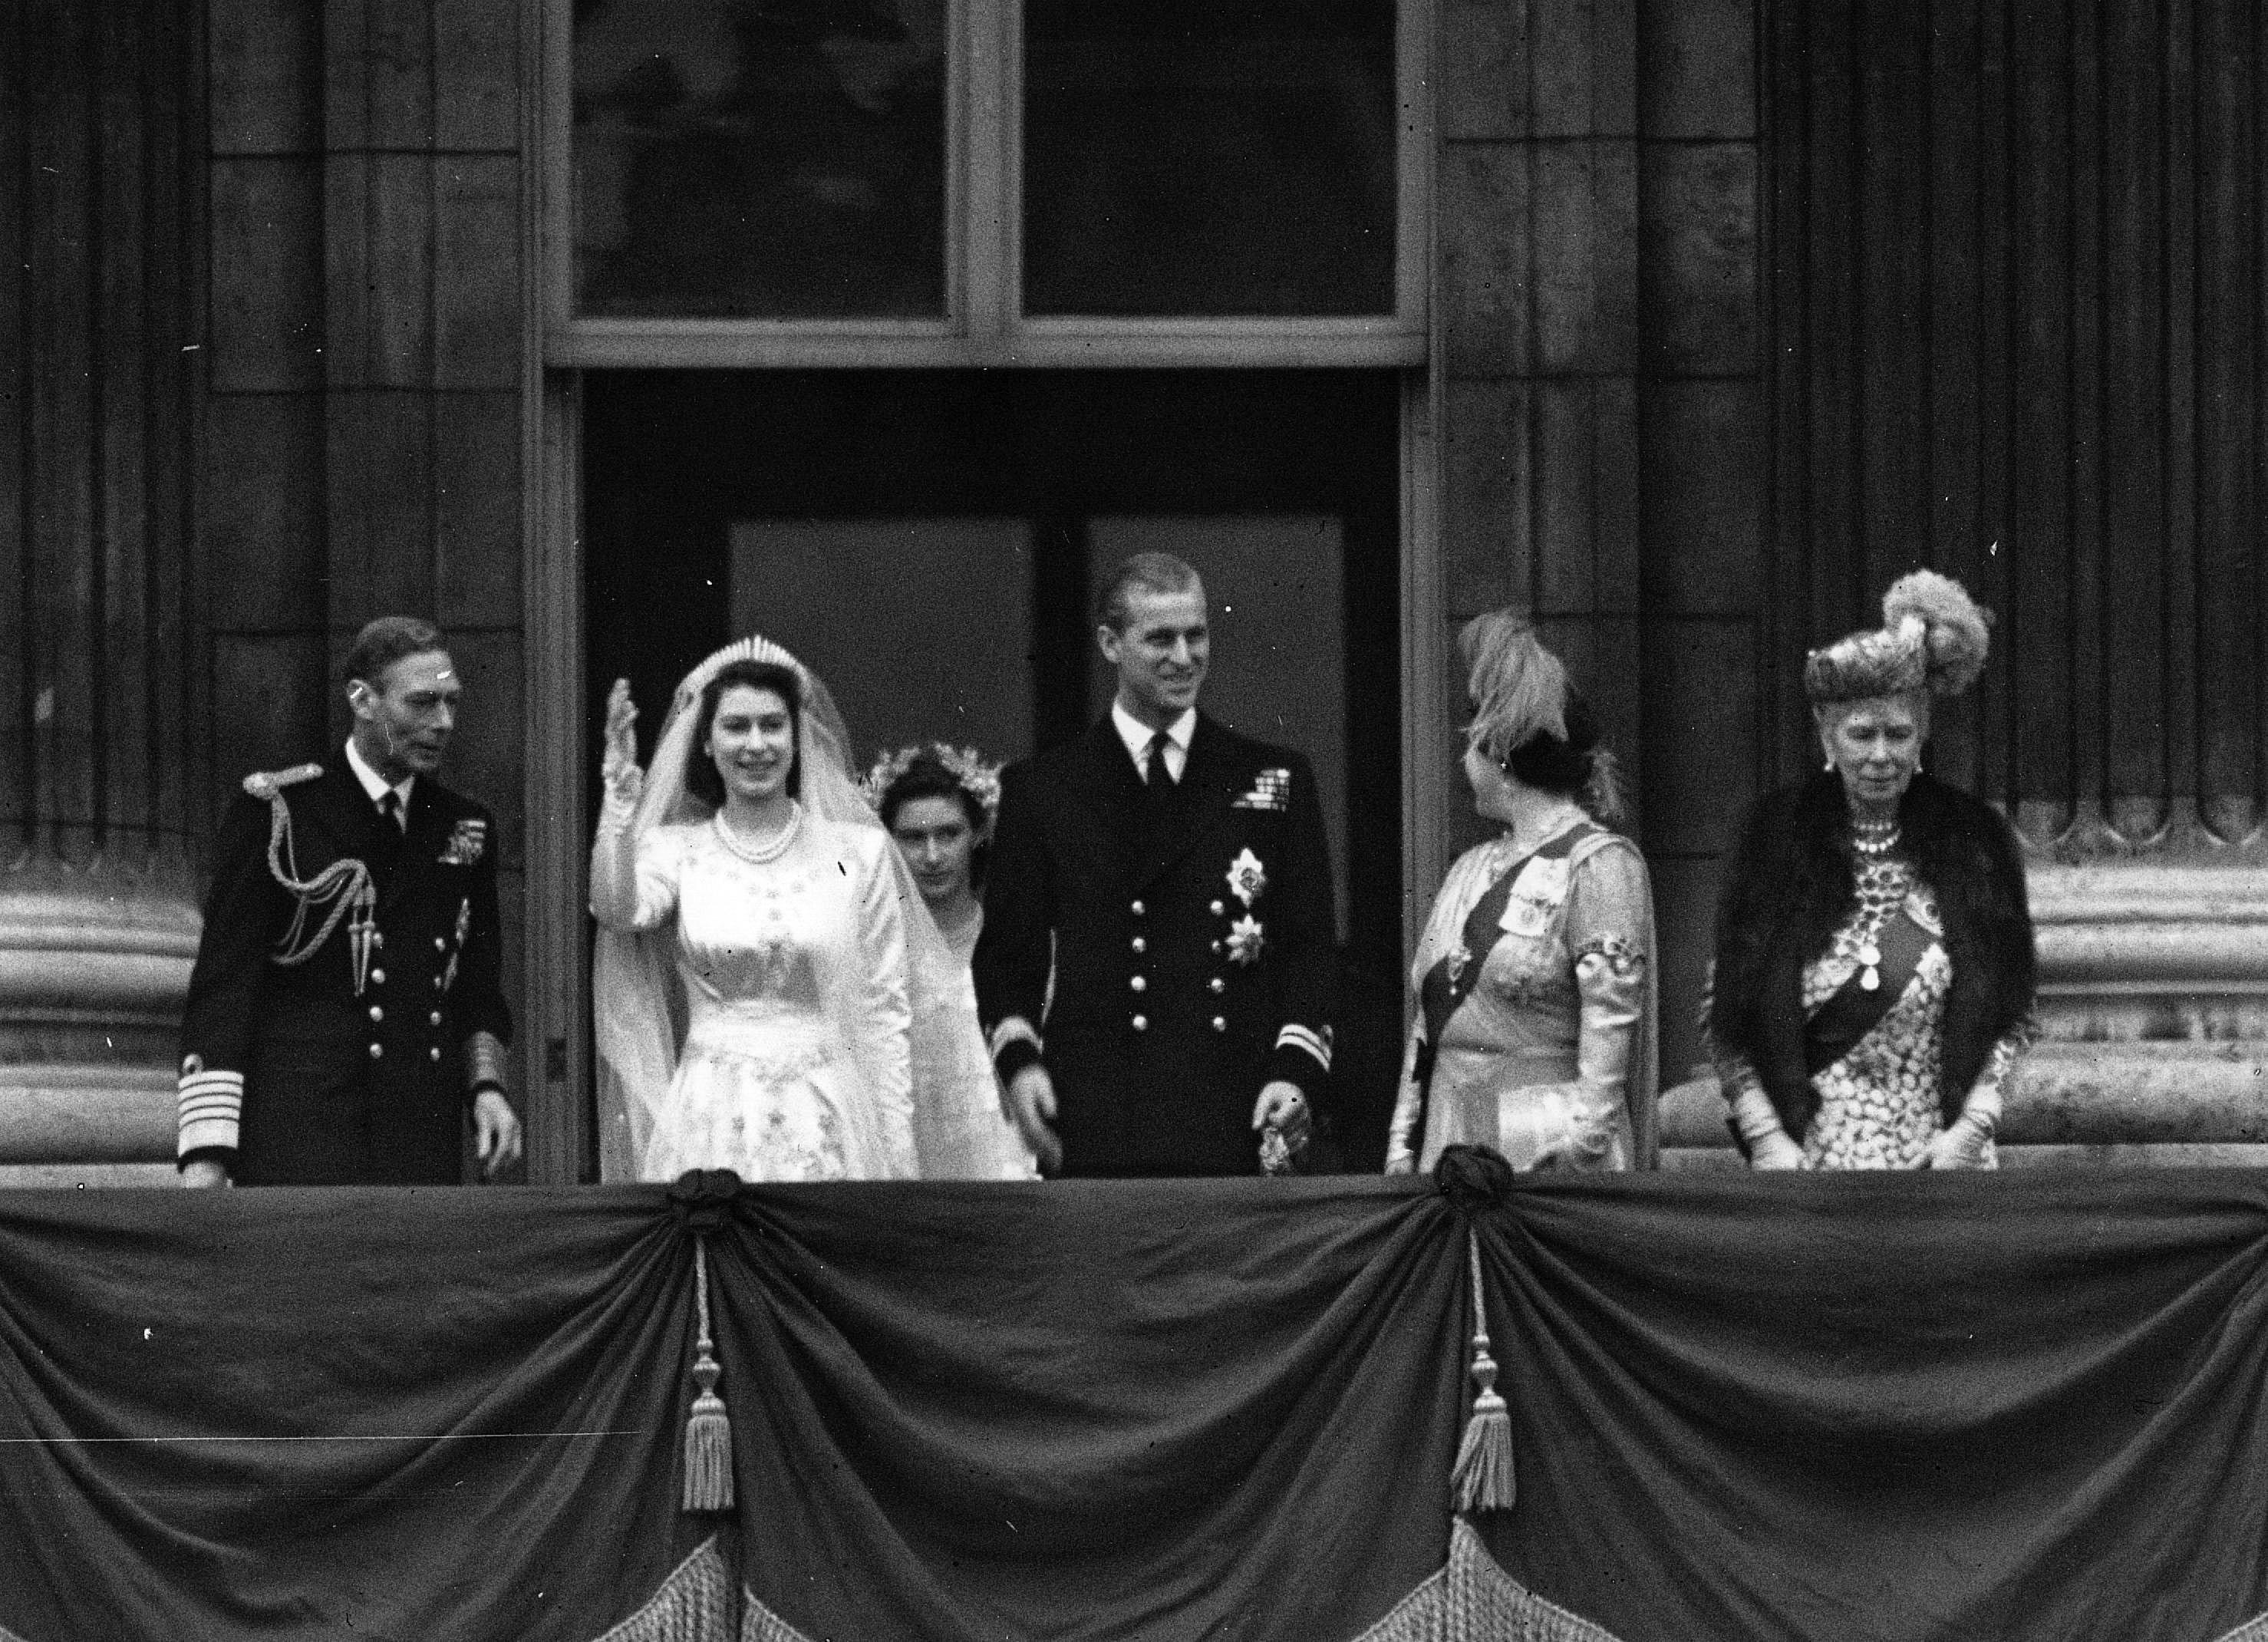 バッキンガム宮殿のバルコニーにいるエリザベス王女とフィリップ、エディンバラ公。